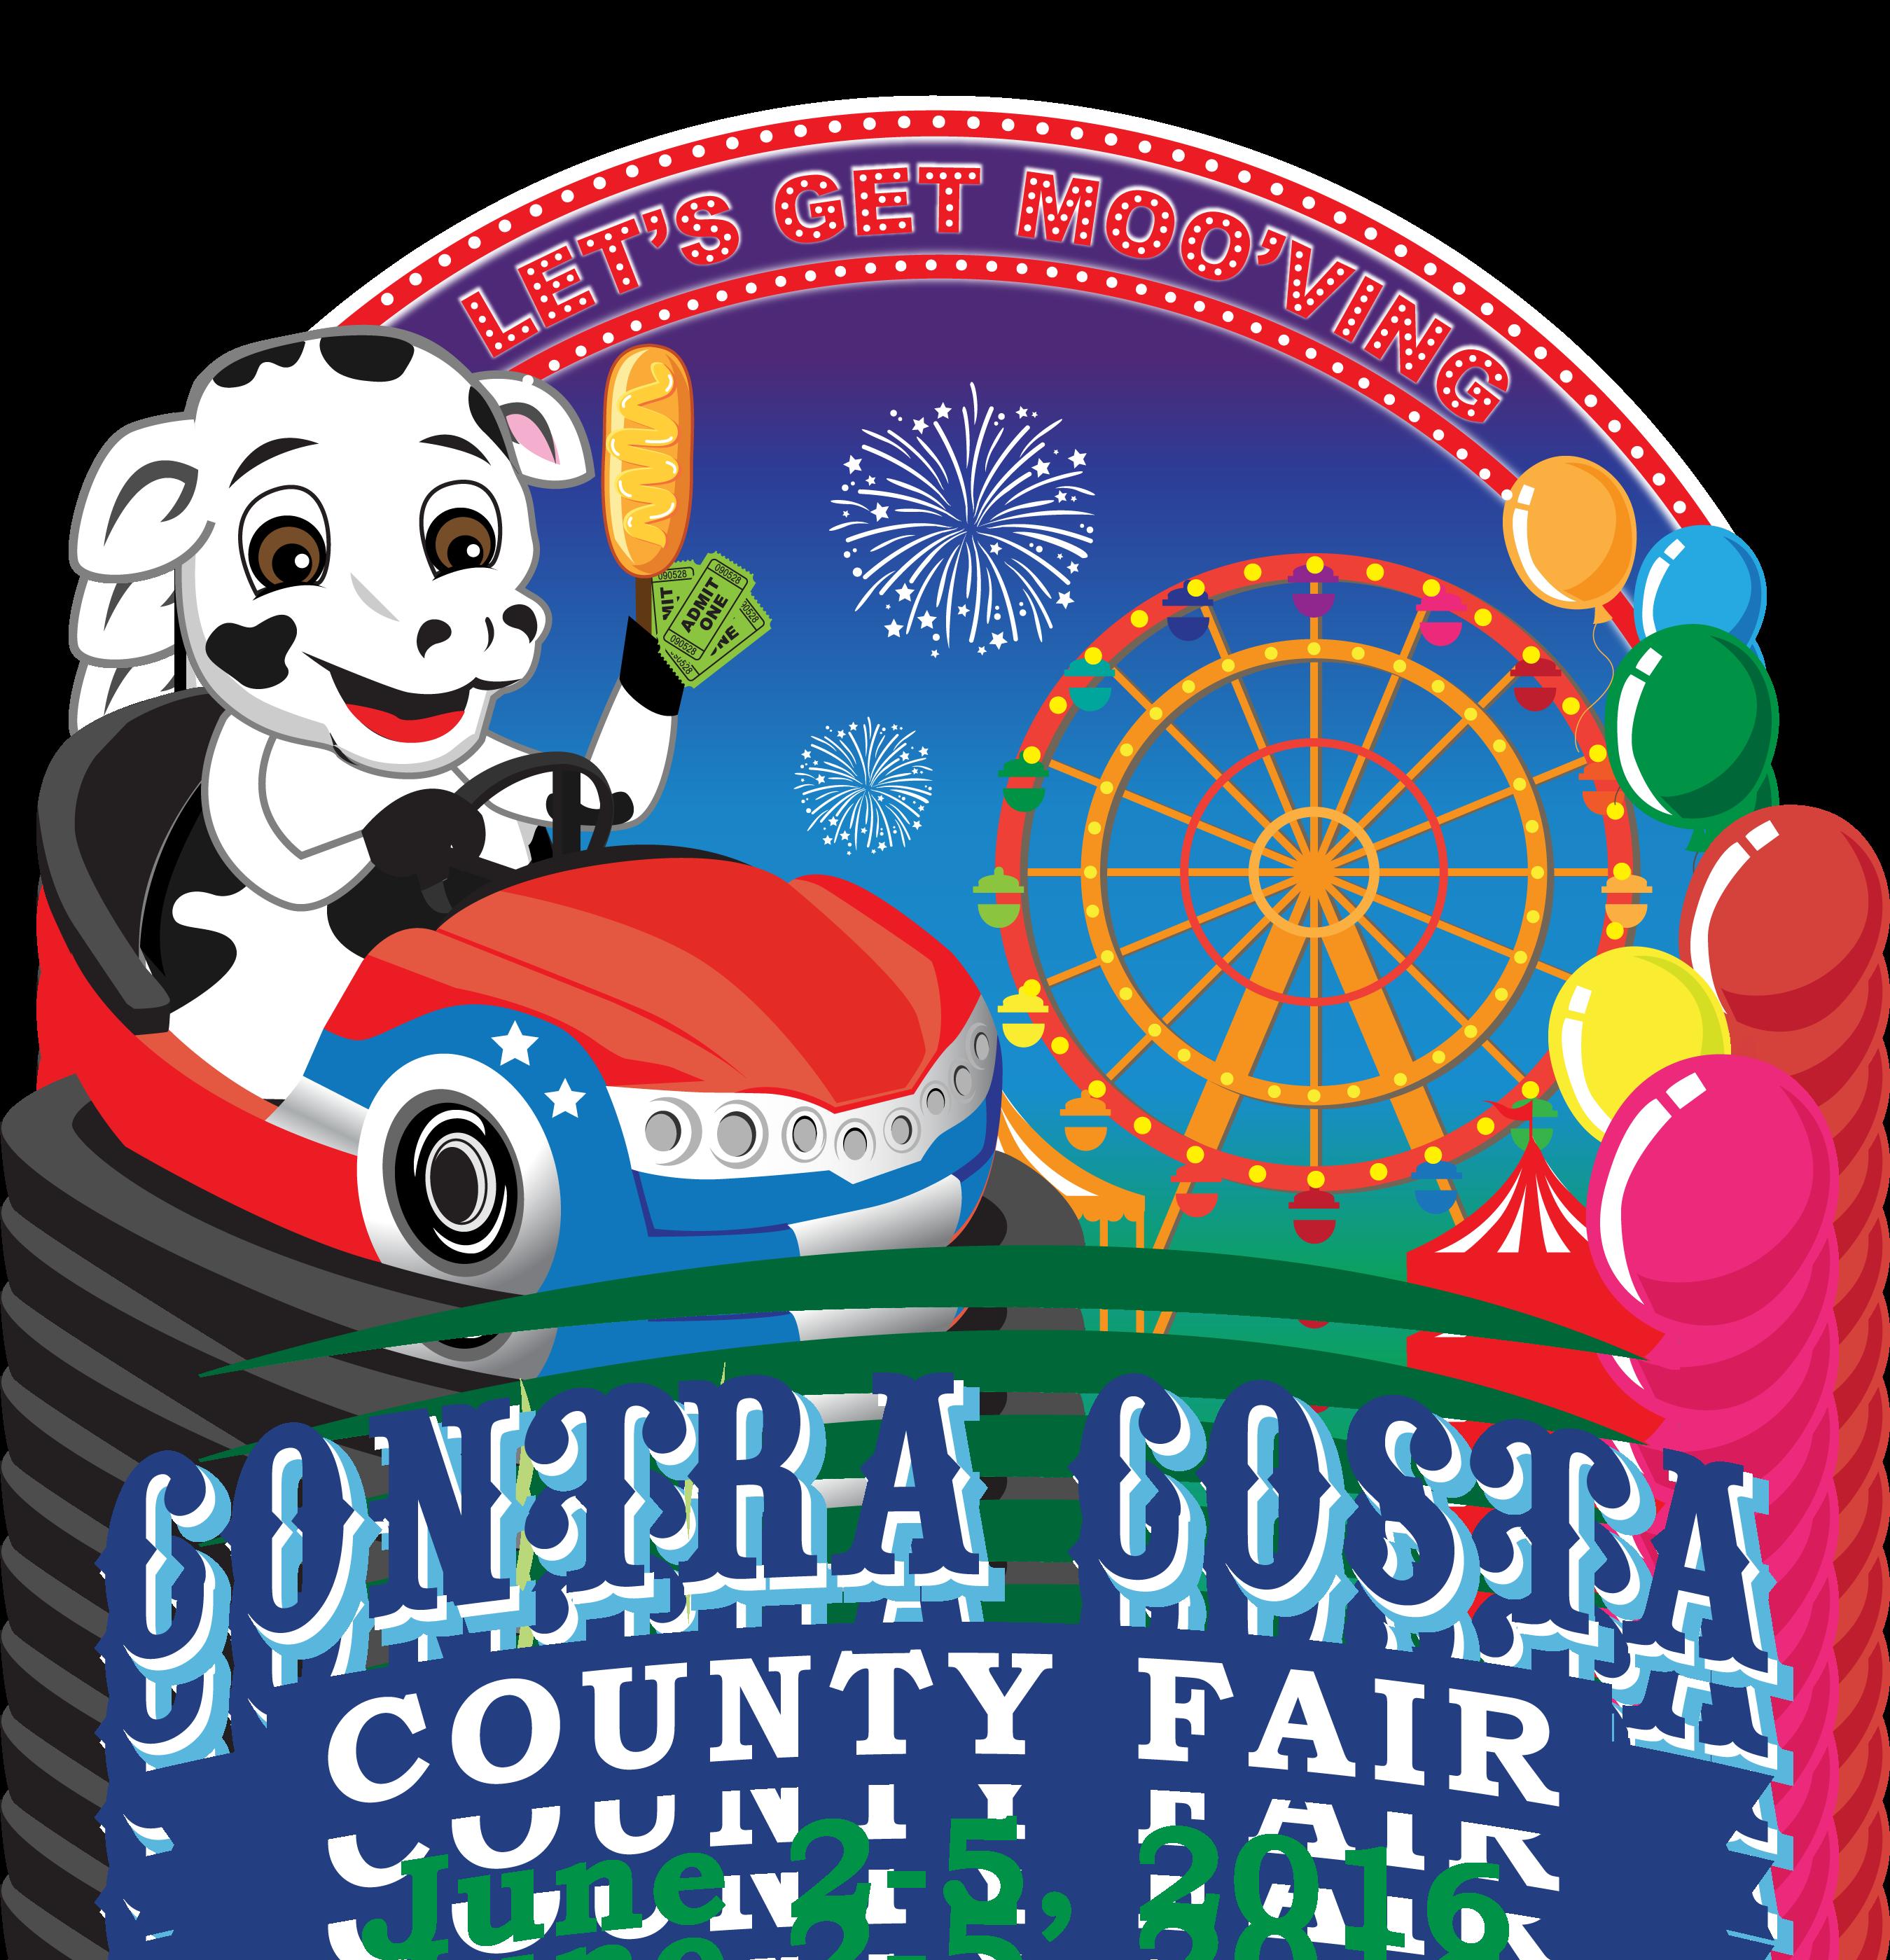 2016 Contra Costa County Fair logo